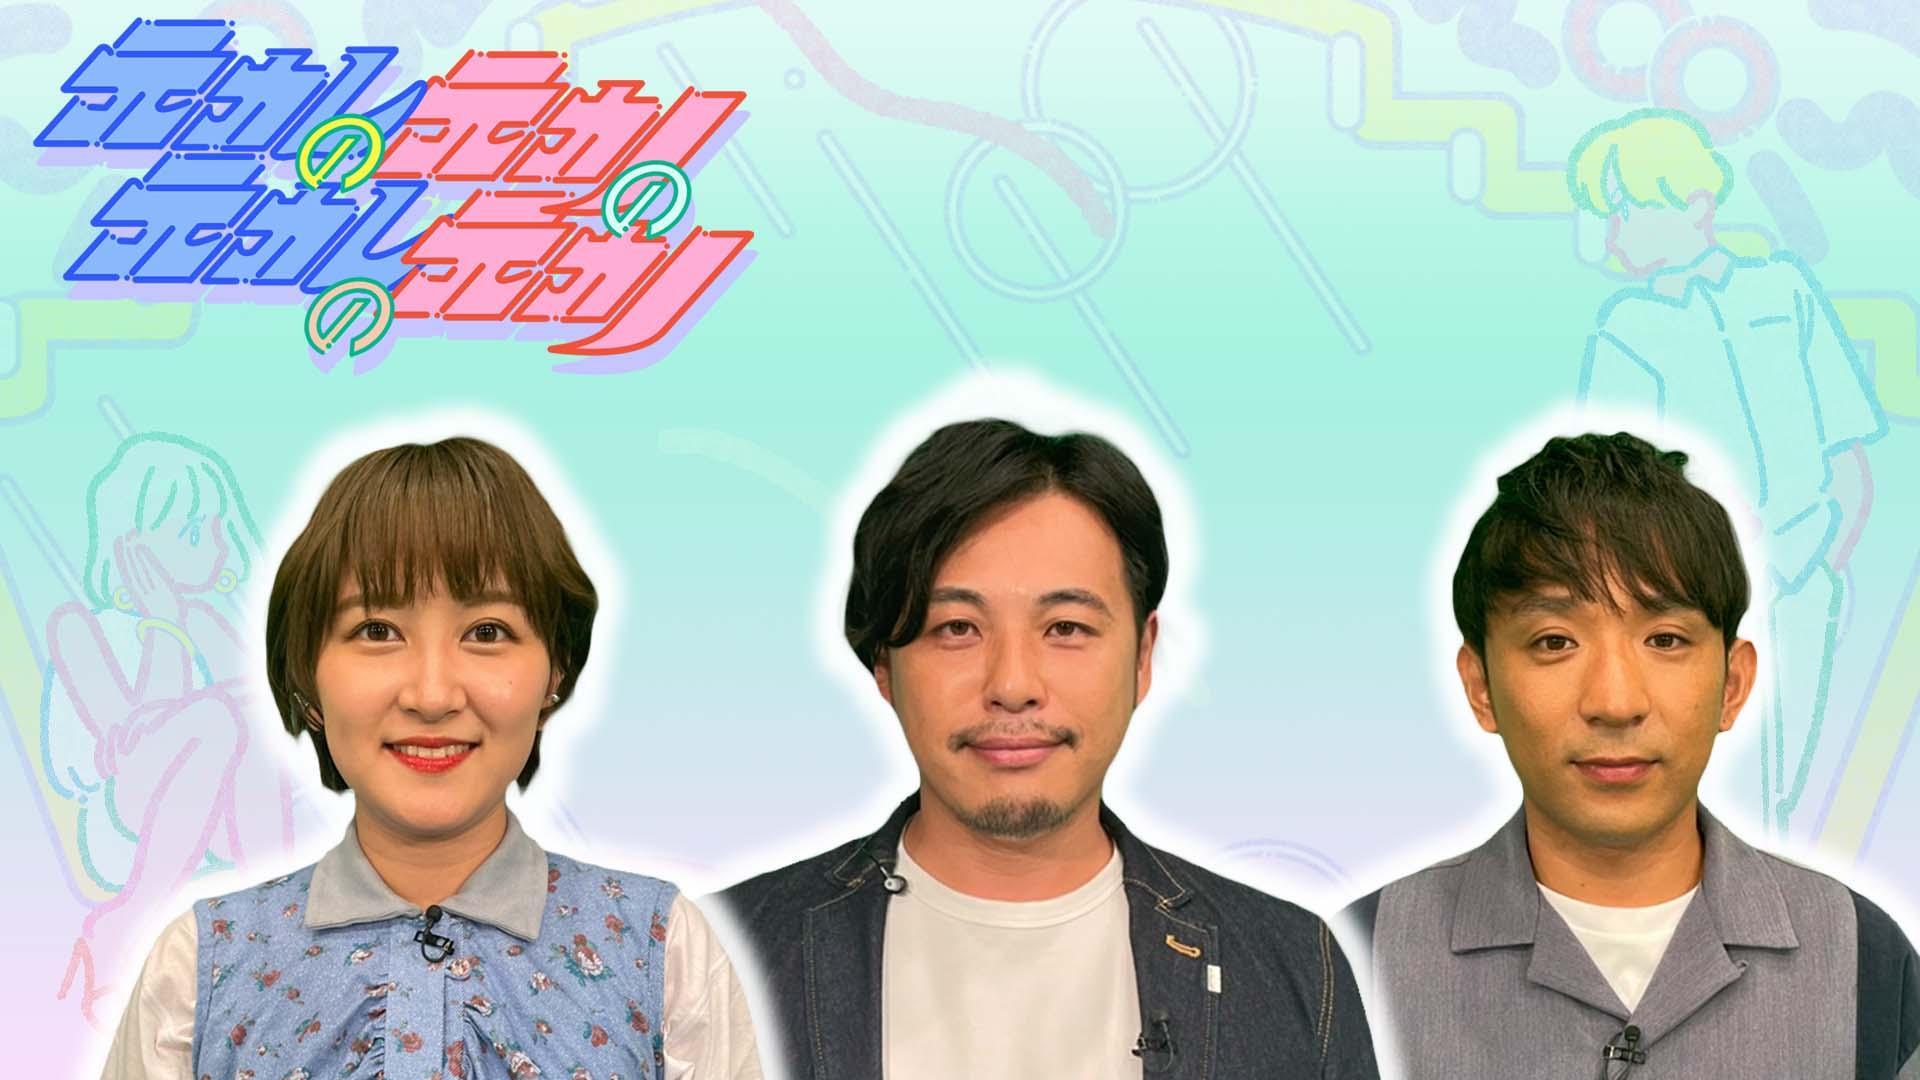 10月7日スタート 新番組 「元カレの元カノの元カレの元カノ」/ 毎週木曜 深夜1時